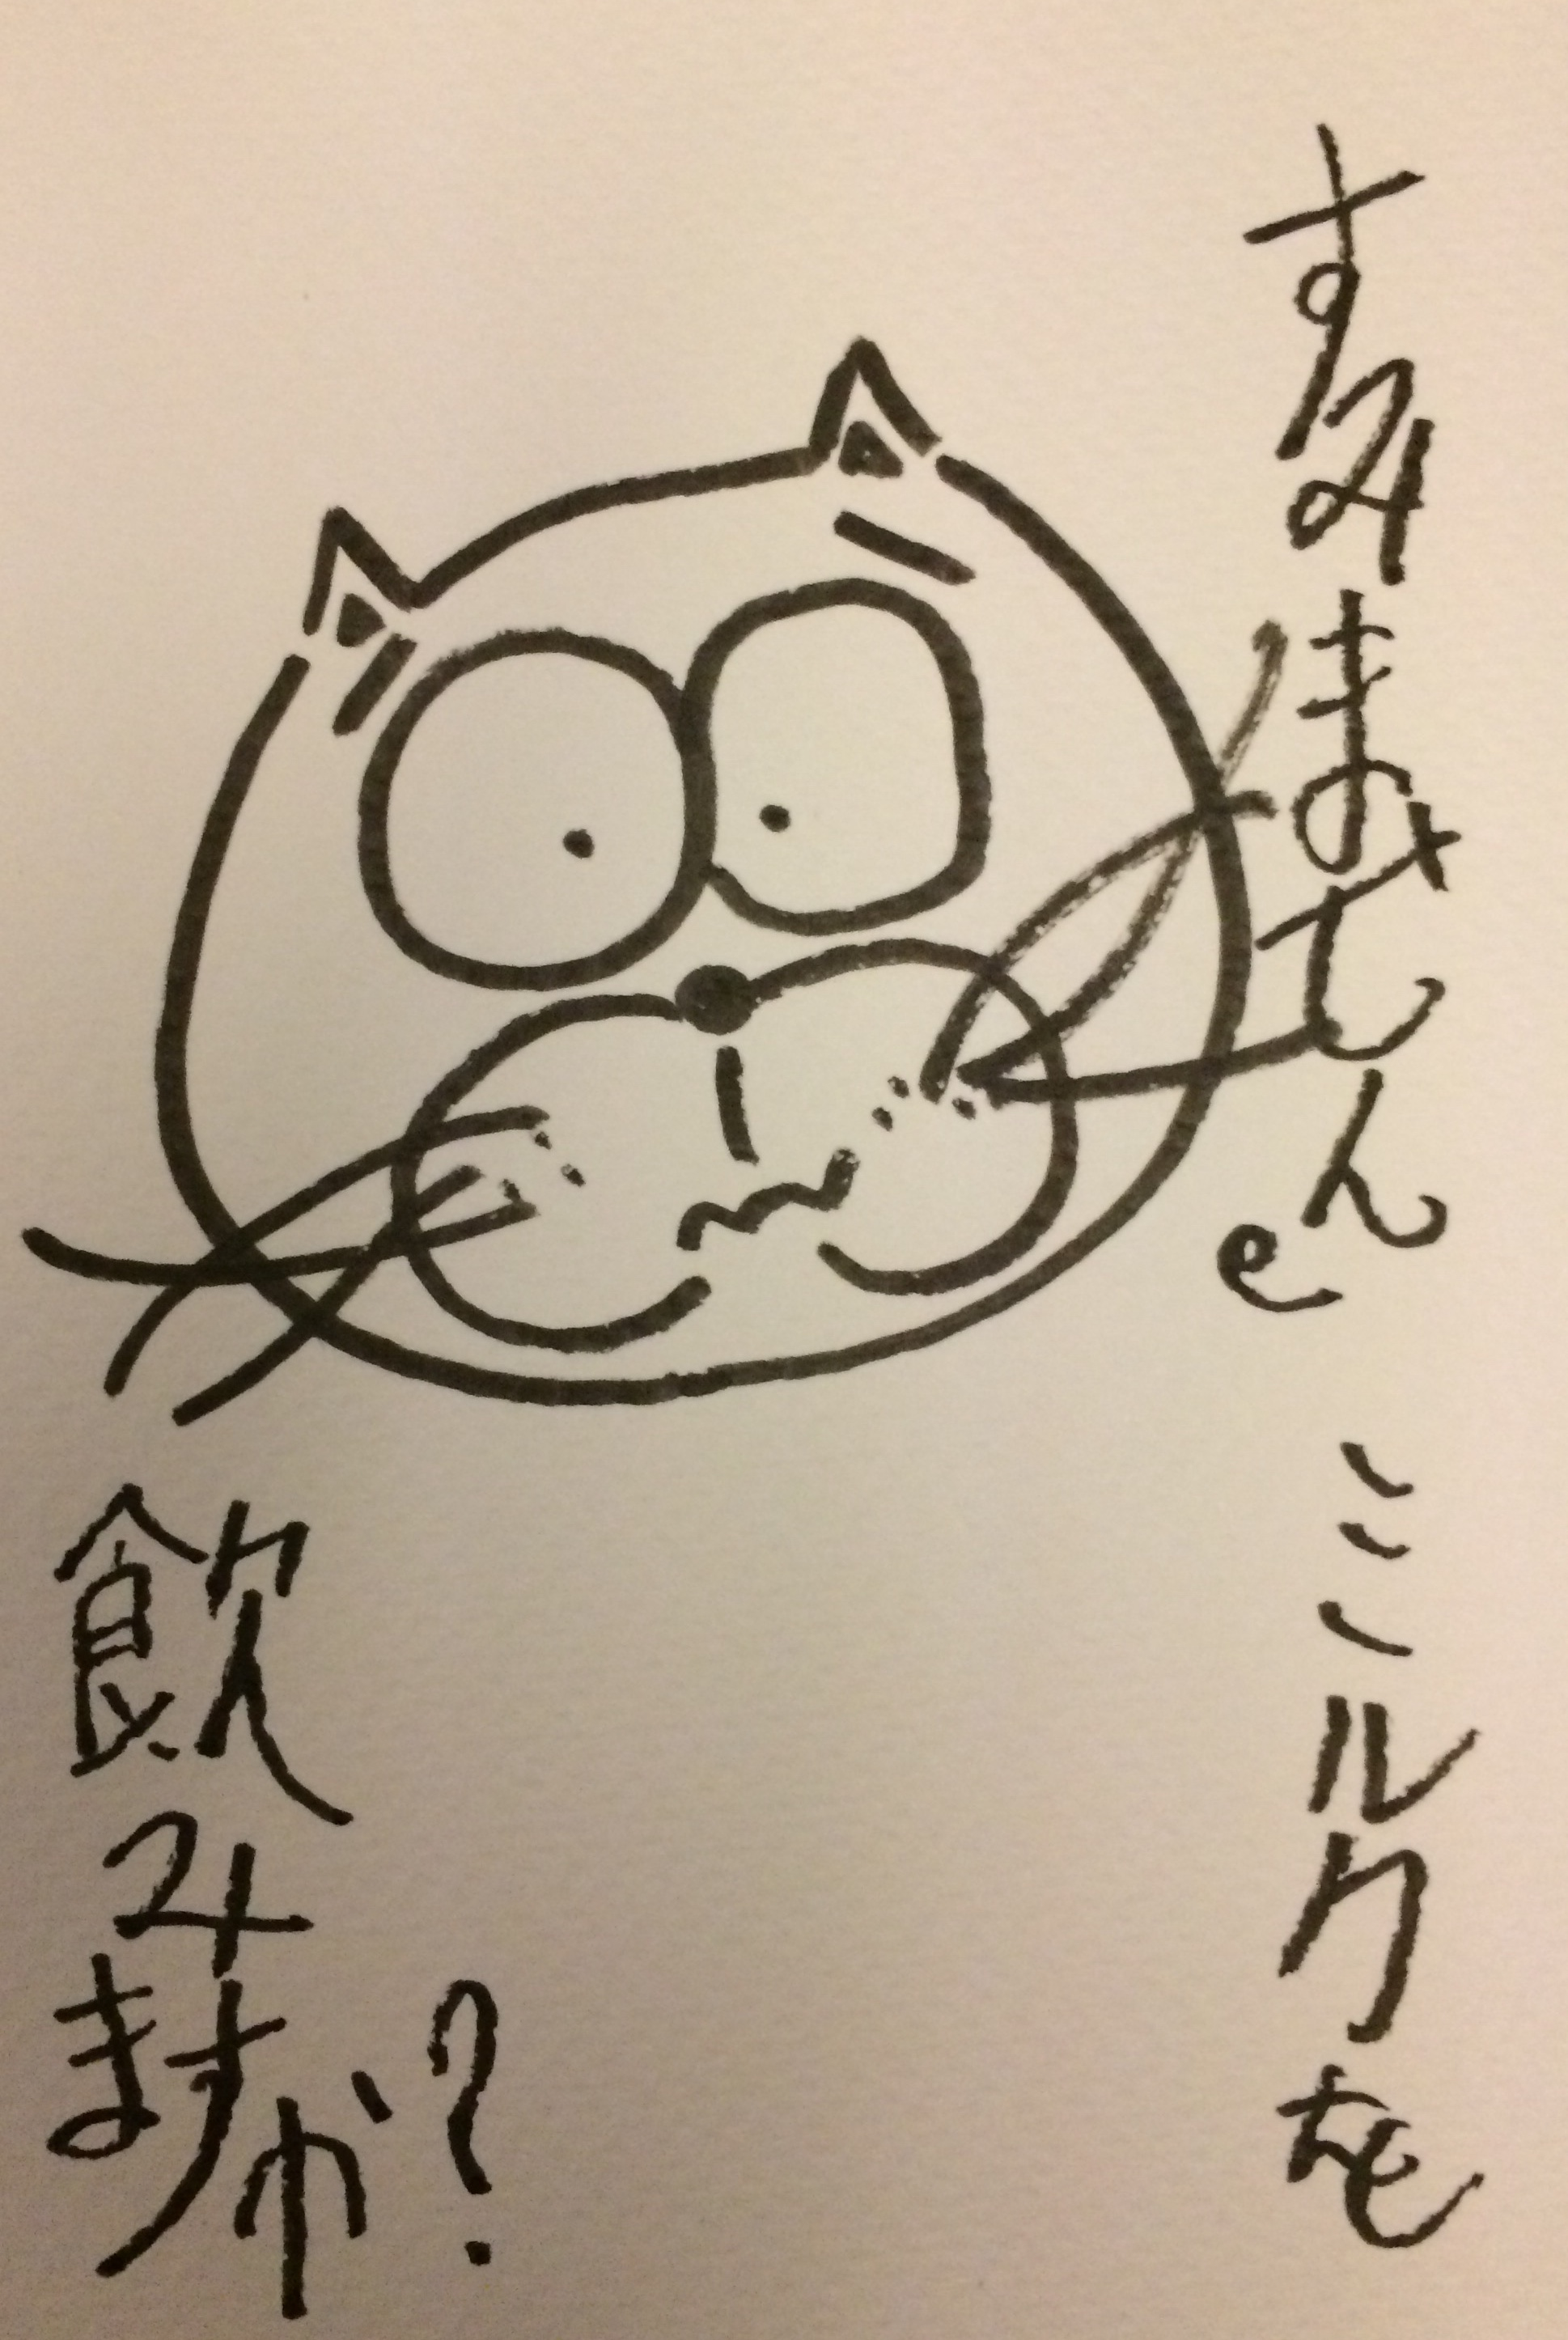 すみません、ミルクを飲みますか かわいい ドイツ語 仔猫 描く コミックス comics kitten kätzchen drawing ink